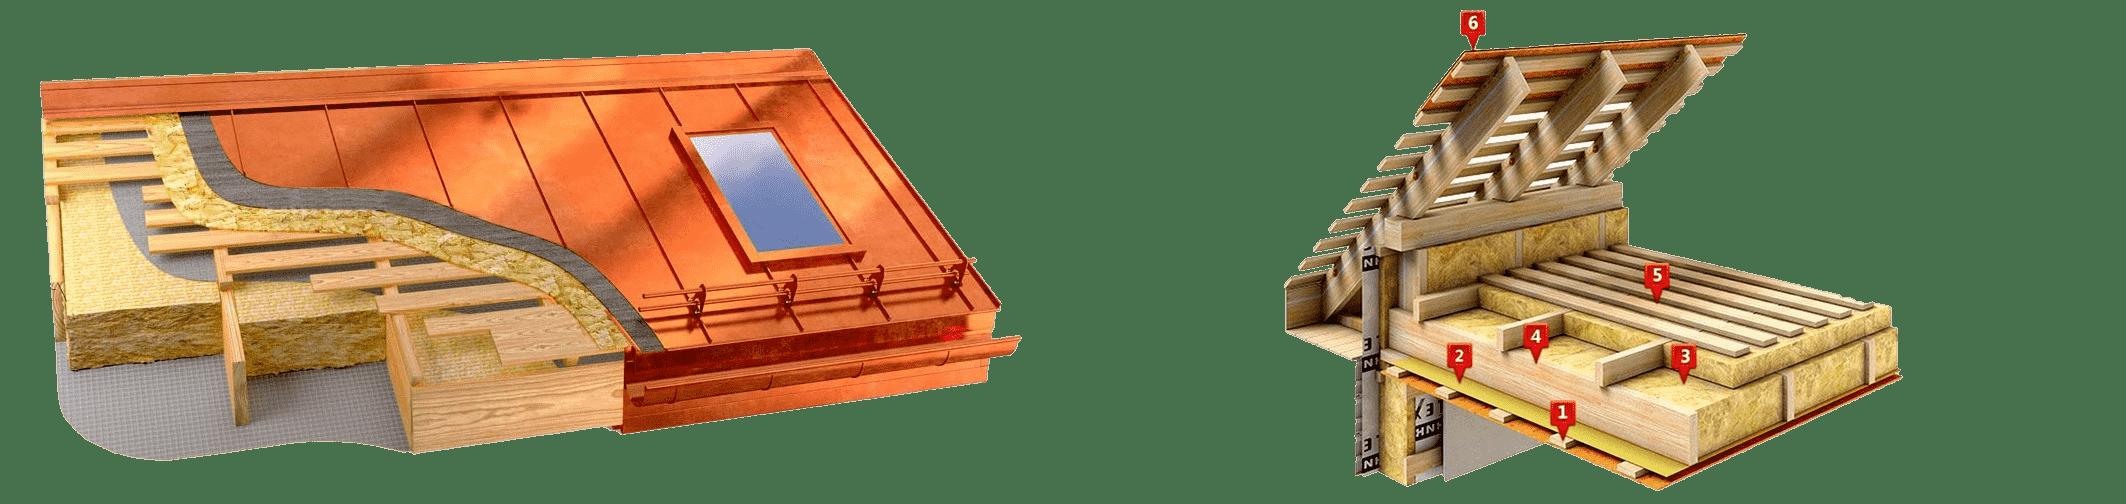 Устройство кровельного пирога медной фальцевой кровли: 1 - обрешетка потолка, 2 - пароизоляция, 3 - утеплитель, 4 - потолочные балки, 5 - доски для чернового пола, 6 - листы меди